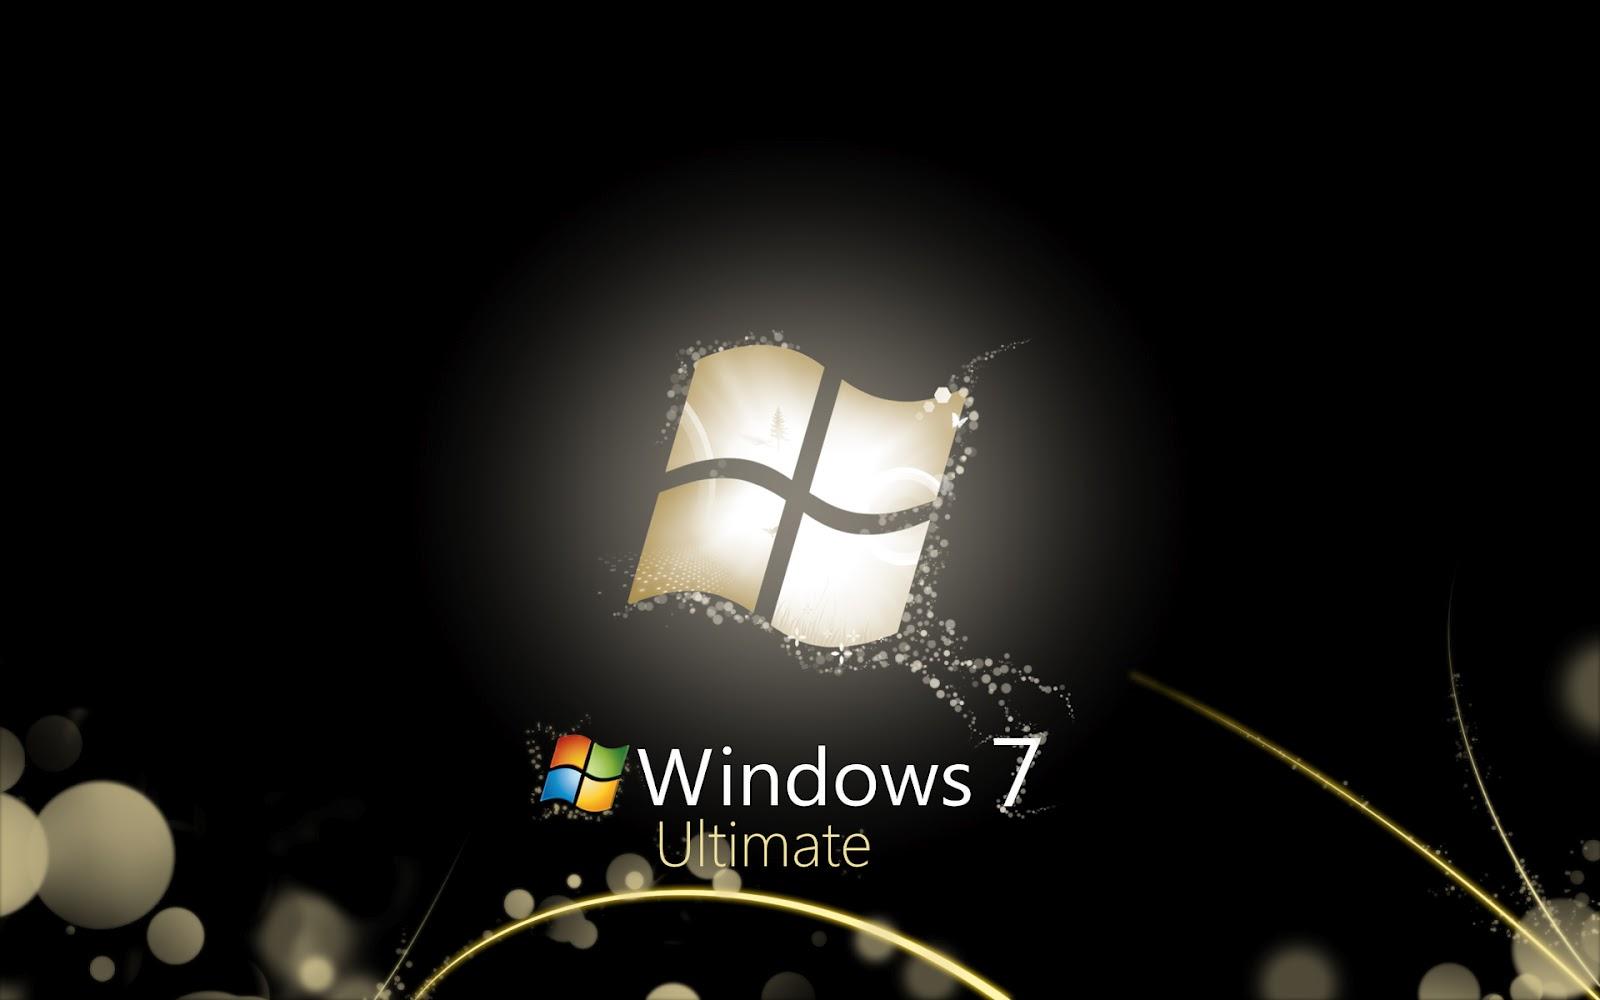 http://3.bp.blogspot.com/-luXX2Fdd-TM/UFWR0gR4eOI/AAAAAAAADYg/q46mHf4C1gA/s1600/Windows-7-HD-Wallpapers-Free-Download+(2).jpg